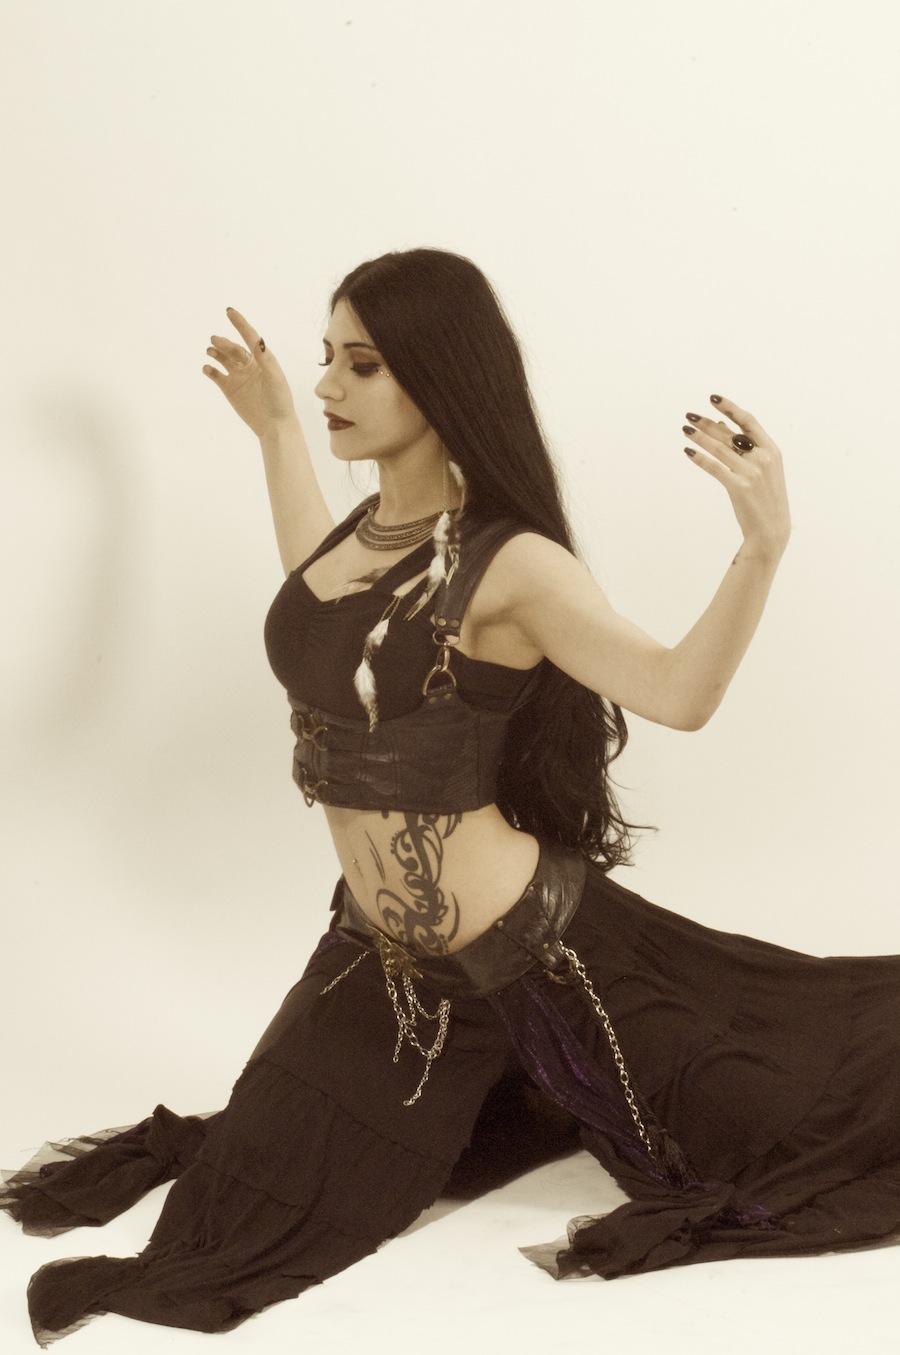 Metal Bellydance by Mahafsoun